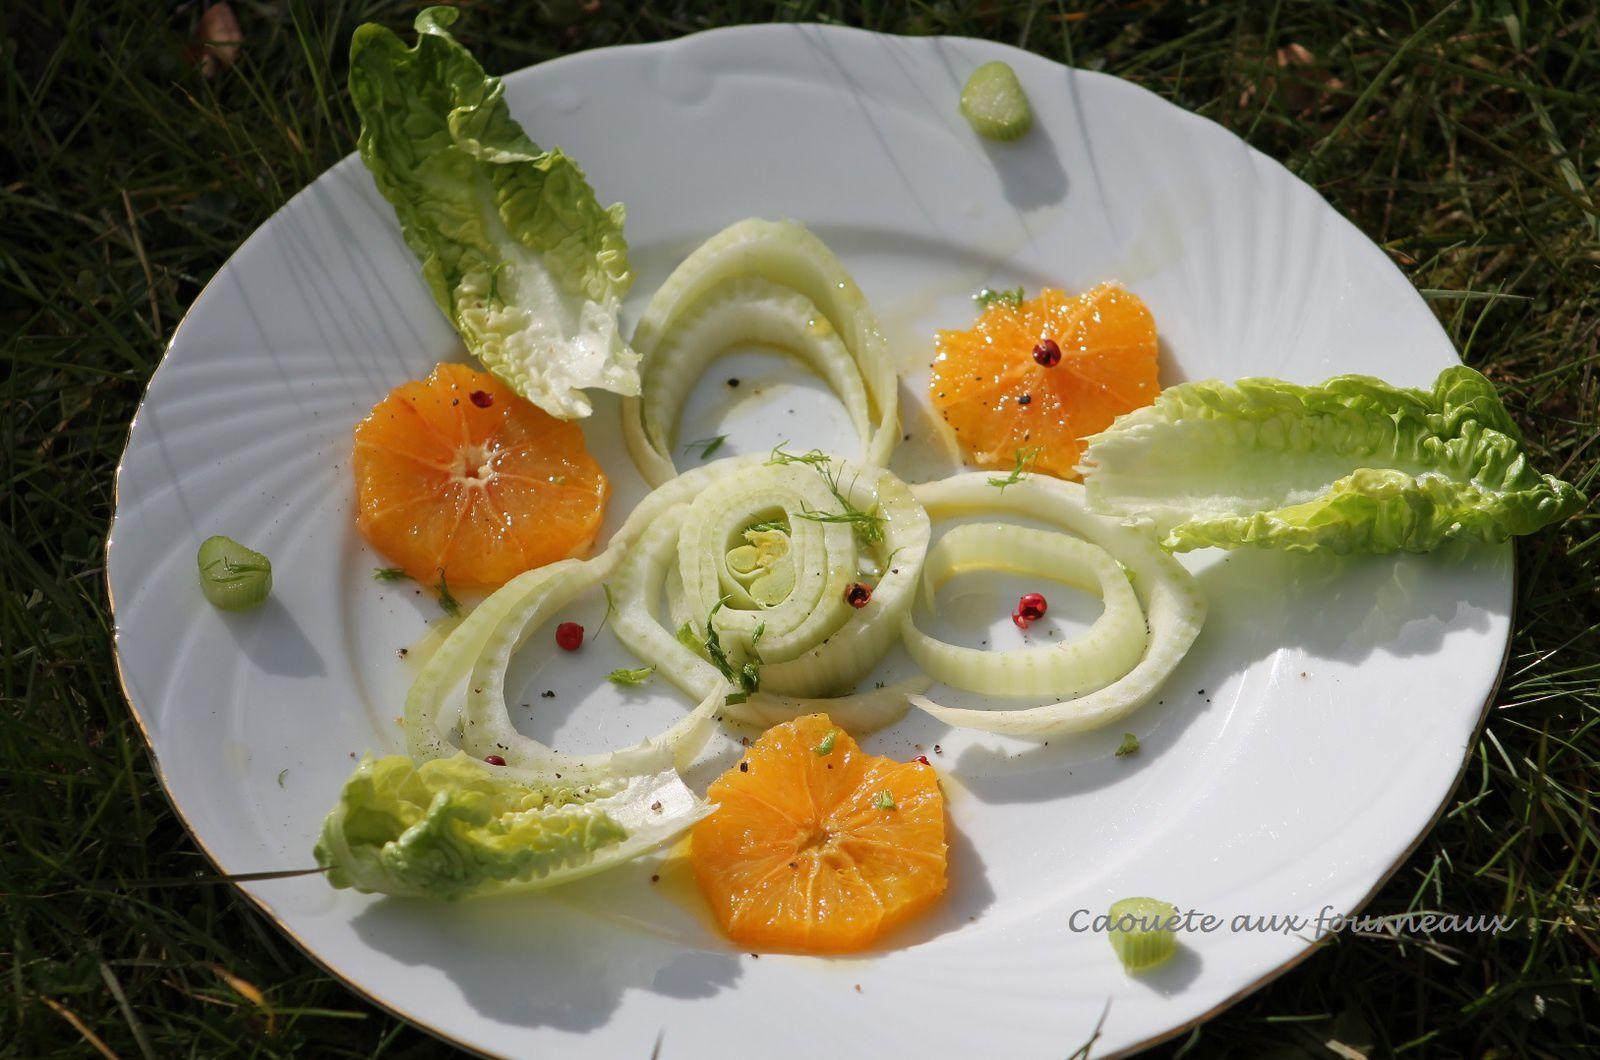 Salade printanière au fenouil et à l'orange